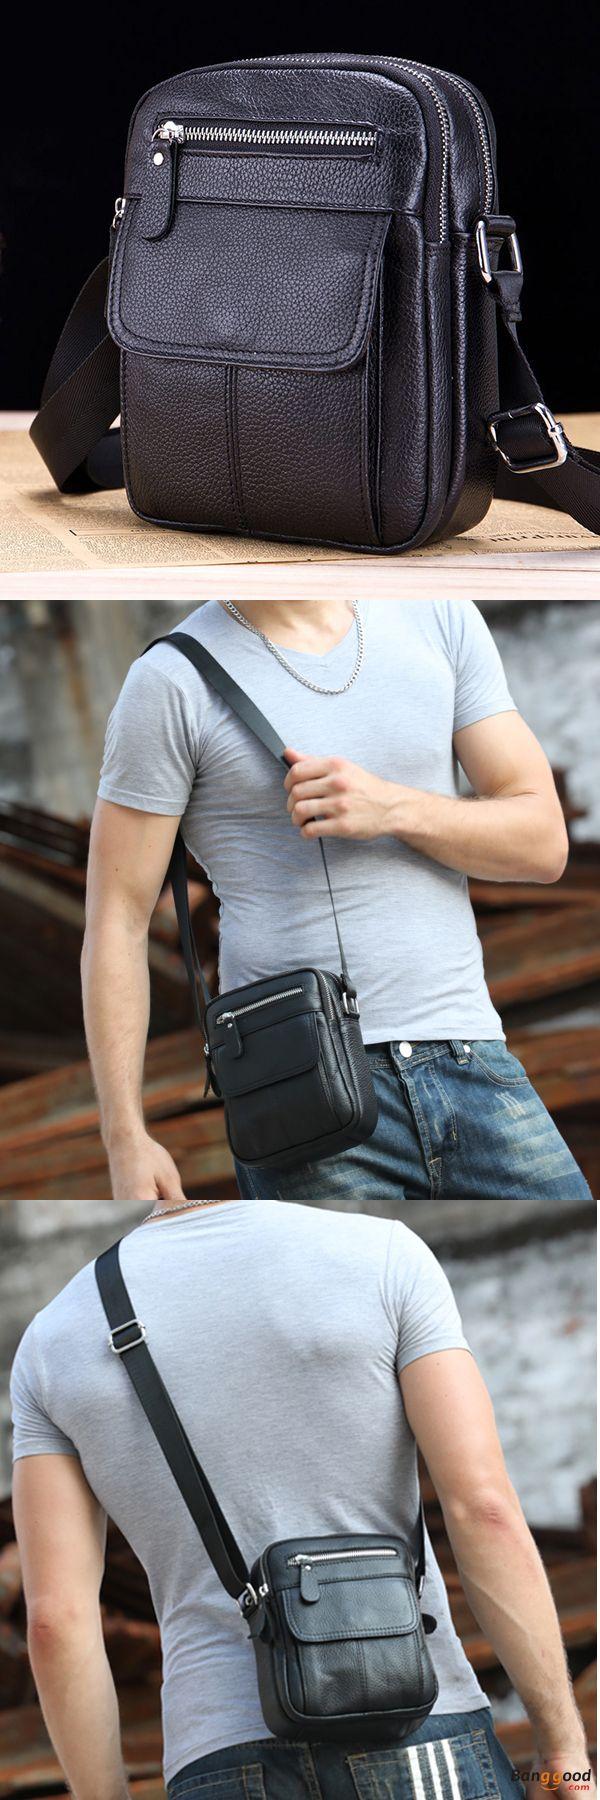 US$29.98 + Free shipping. Men Bag, Genuine Leather Bag, Sling Bag, Business Bag, Casual Bag,  Crossbody Bag, Shoulder Bag. Material: Genuine Leather. Multiple Pockets Design.